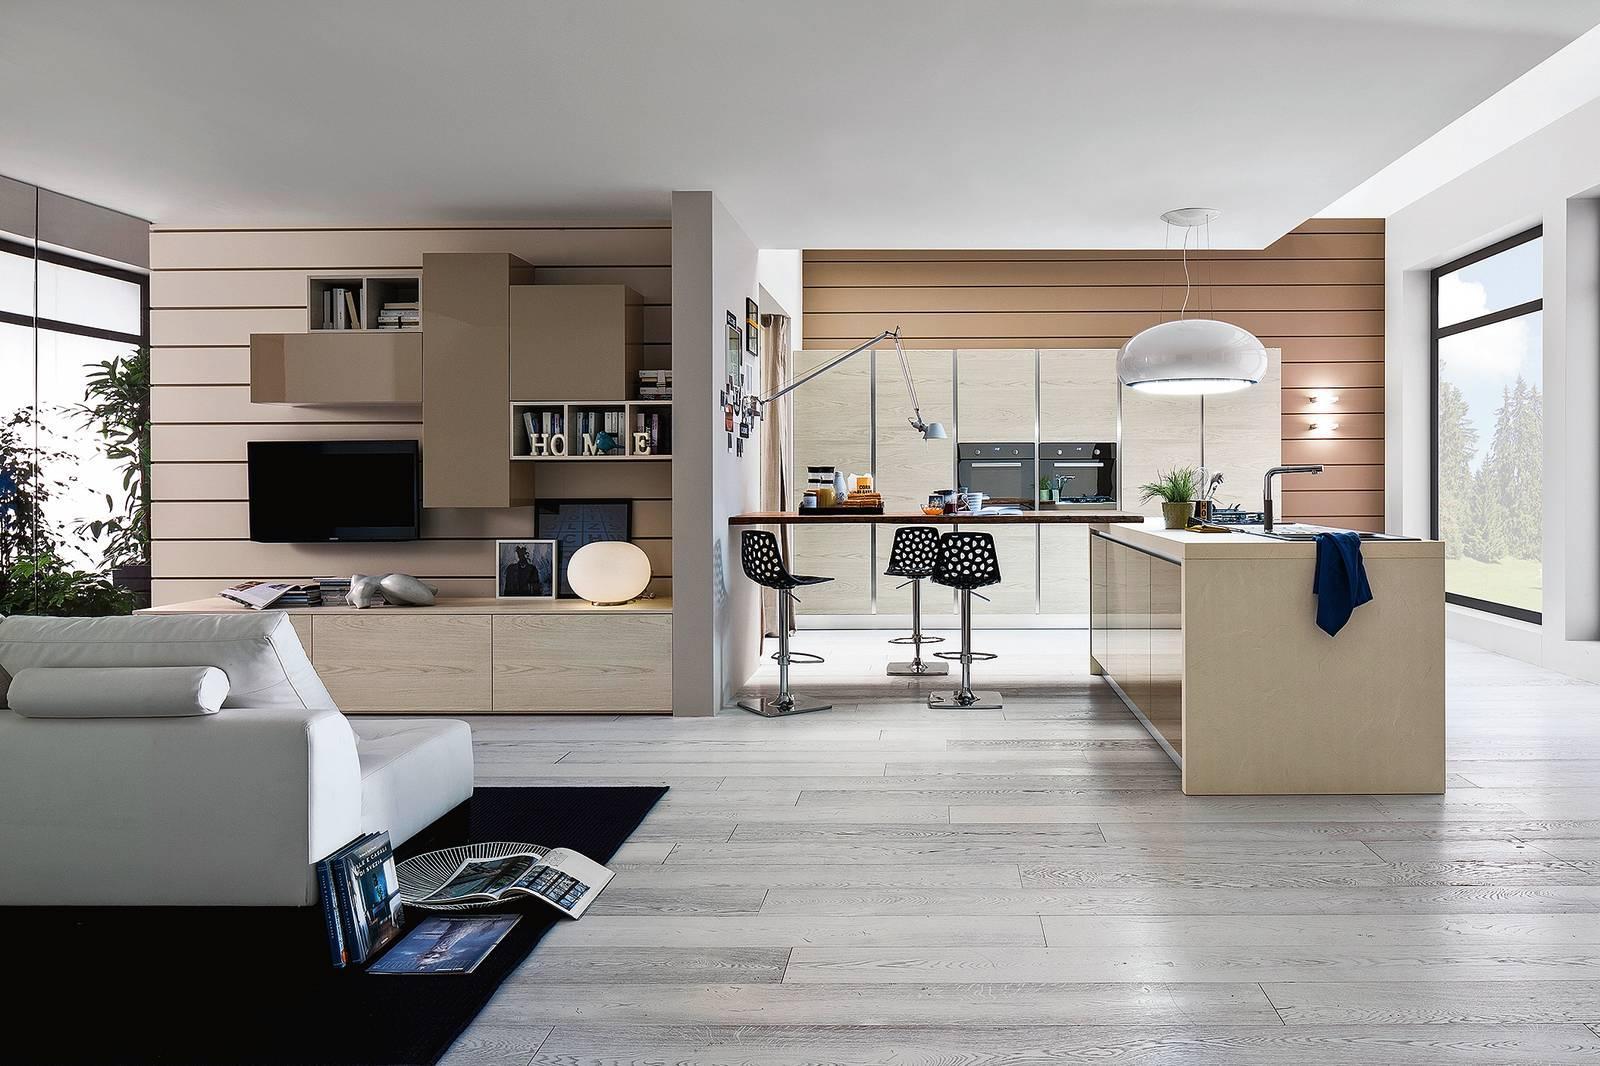 Il soggiorno la pianta rettangolare è ottenuta con il divisorio di. Progetti 3 Modi Di Vivere La Cucina Open Space Parzialmente Aperta Separata Cose Di Casa